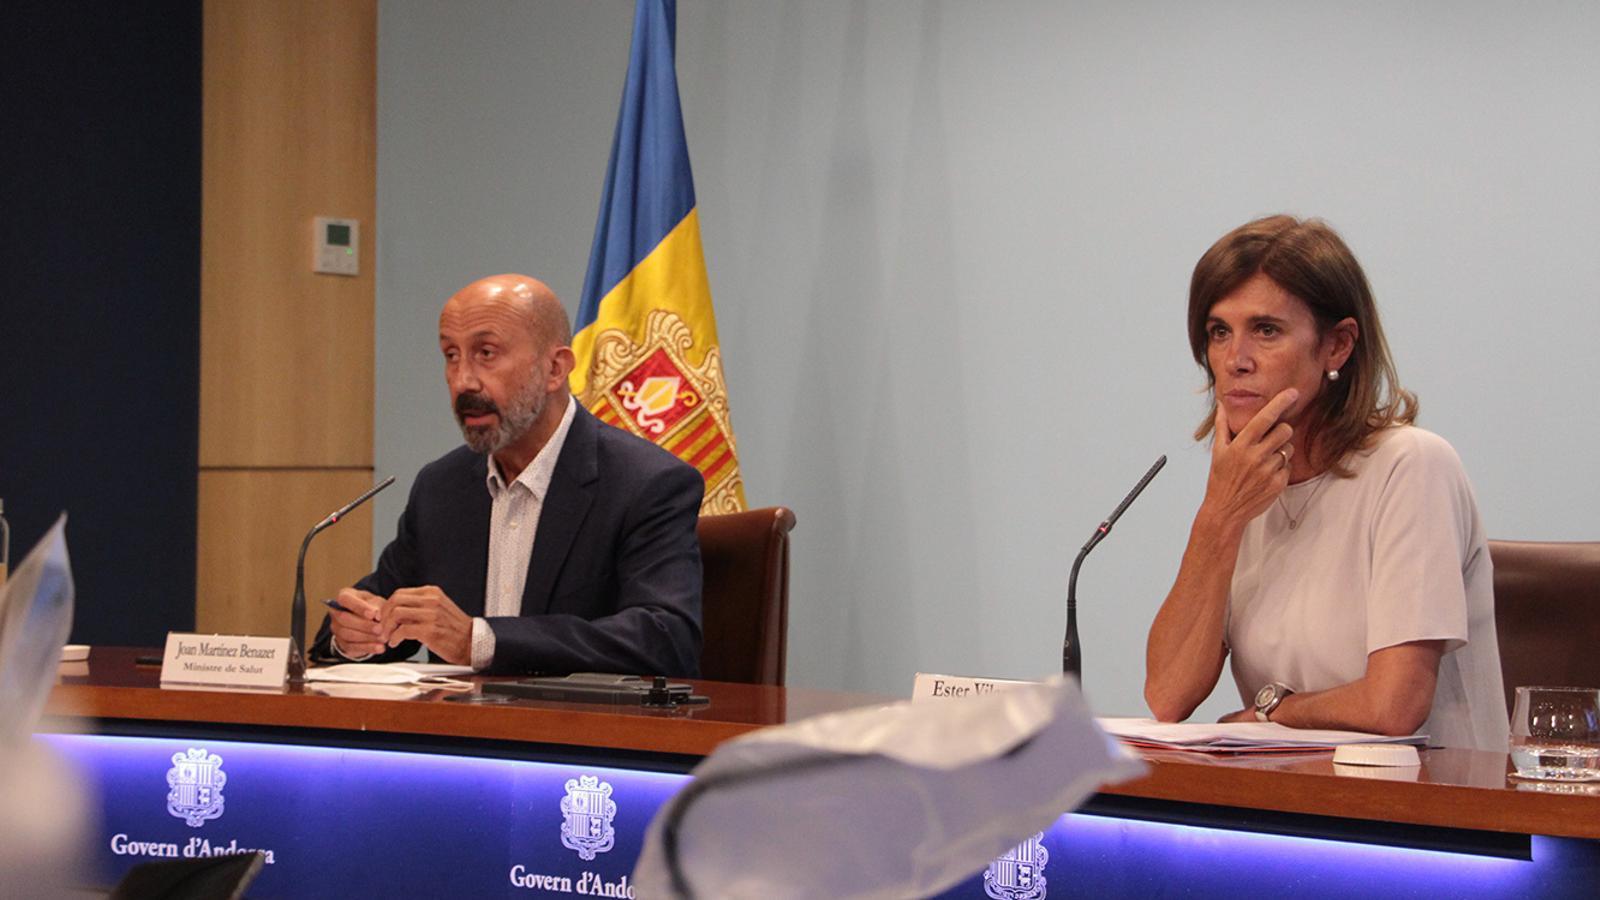 Els ministres de Salut i d'Educació i Ensenyament Superior, Joan Martínez Benazet i Ester Vilarrubla, durant la roda de premsa per explicar els protocols per al retorn a les escoles. / ANA